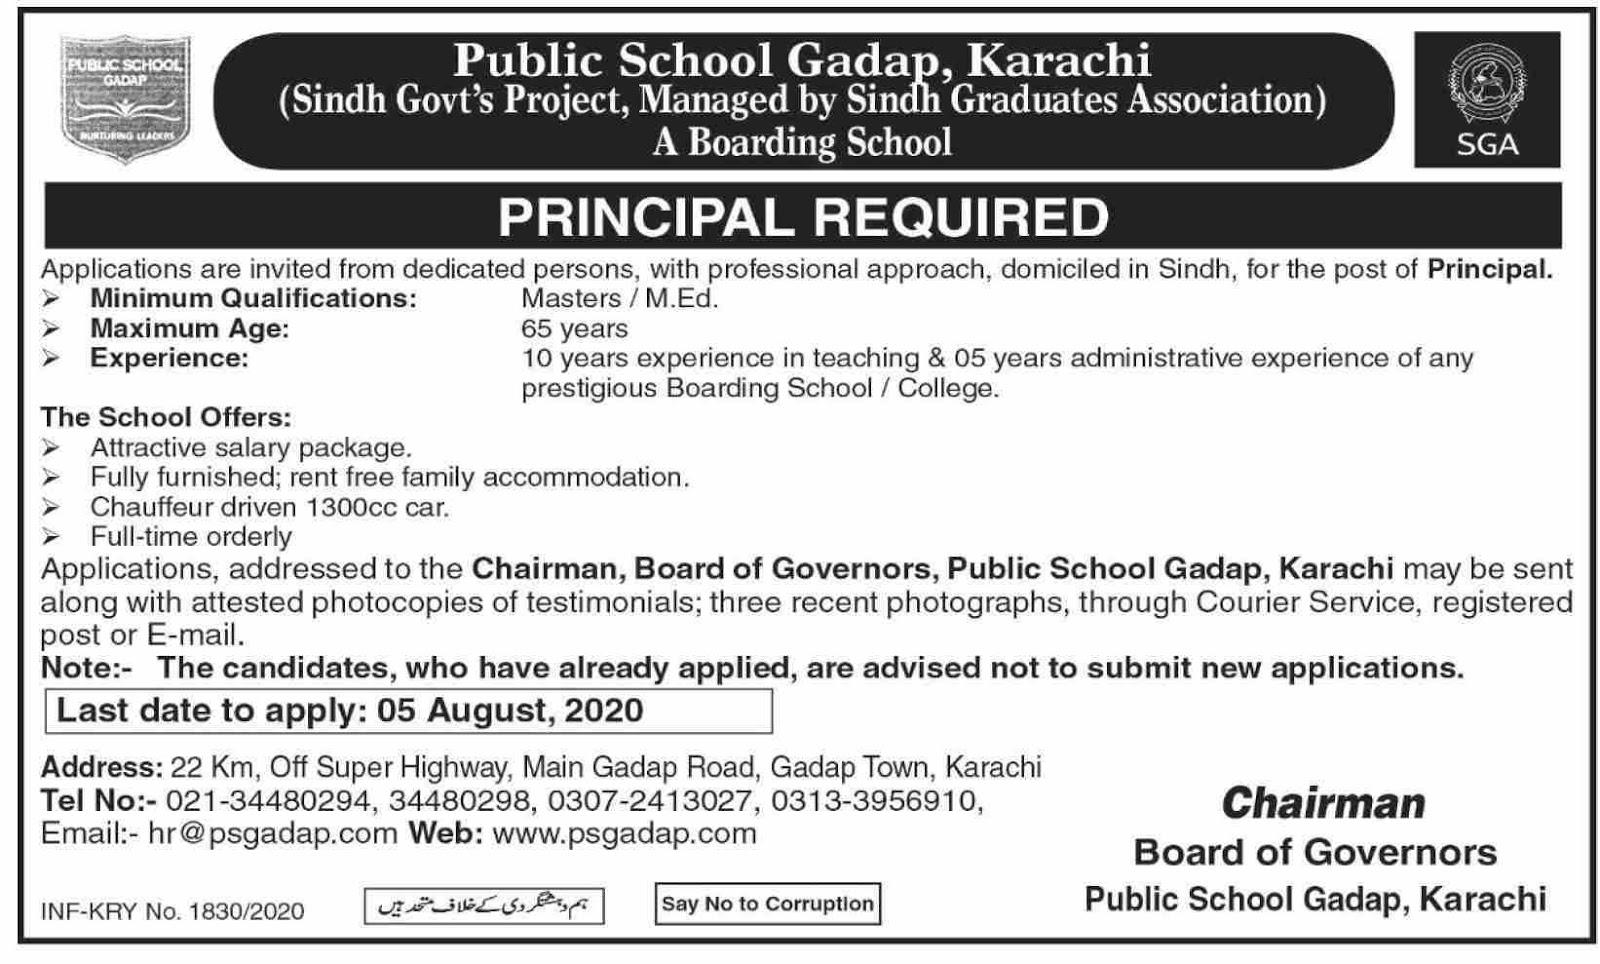 Principal Required in Public School Gadap Karachi